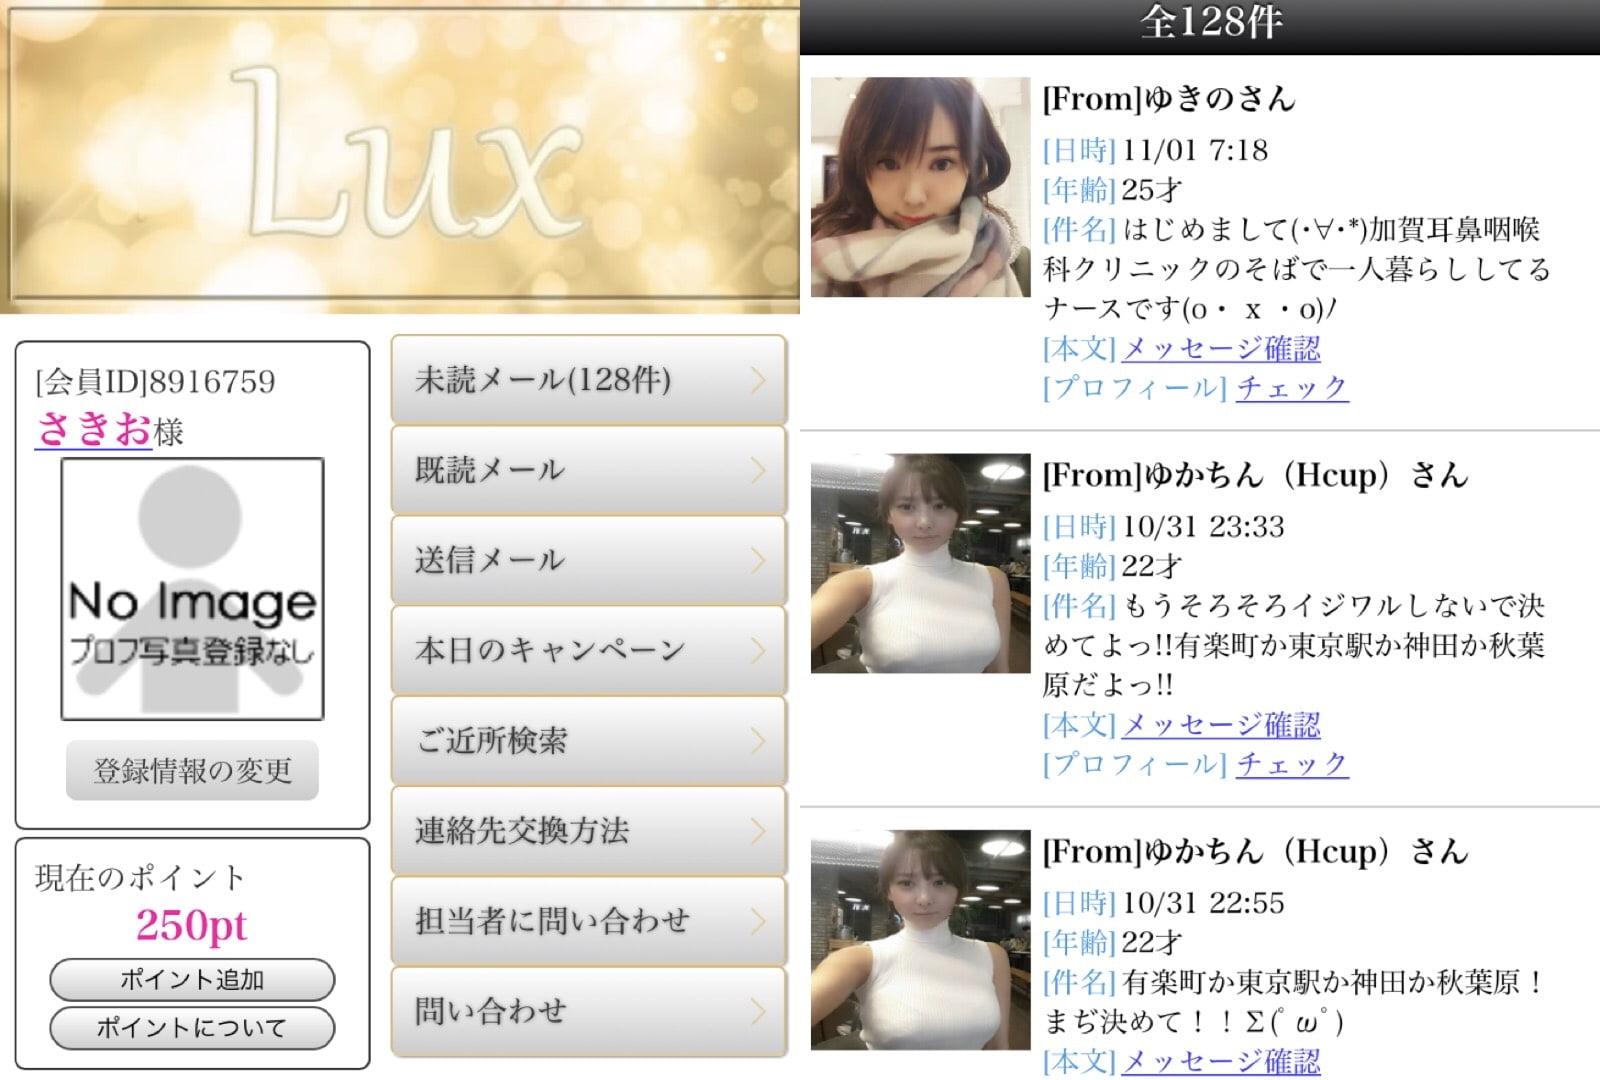 LUXでのやり取り例